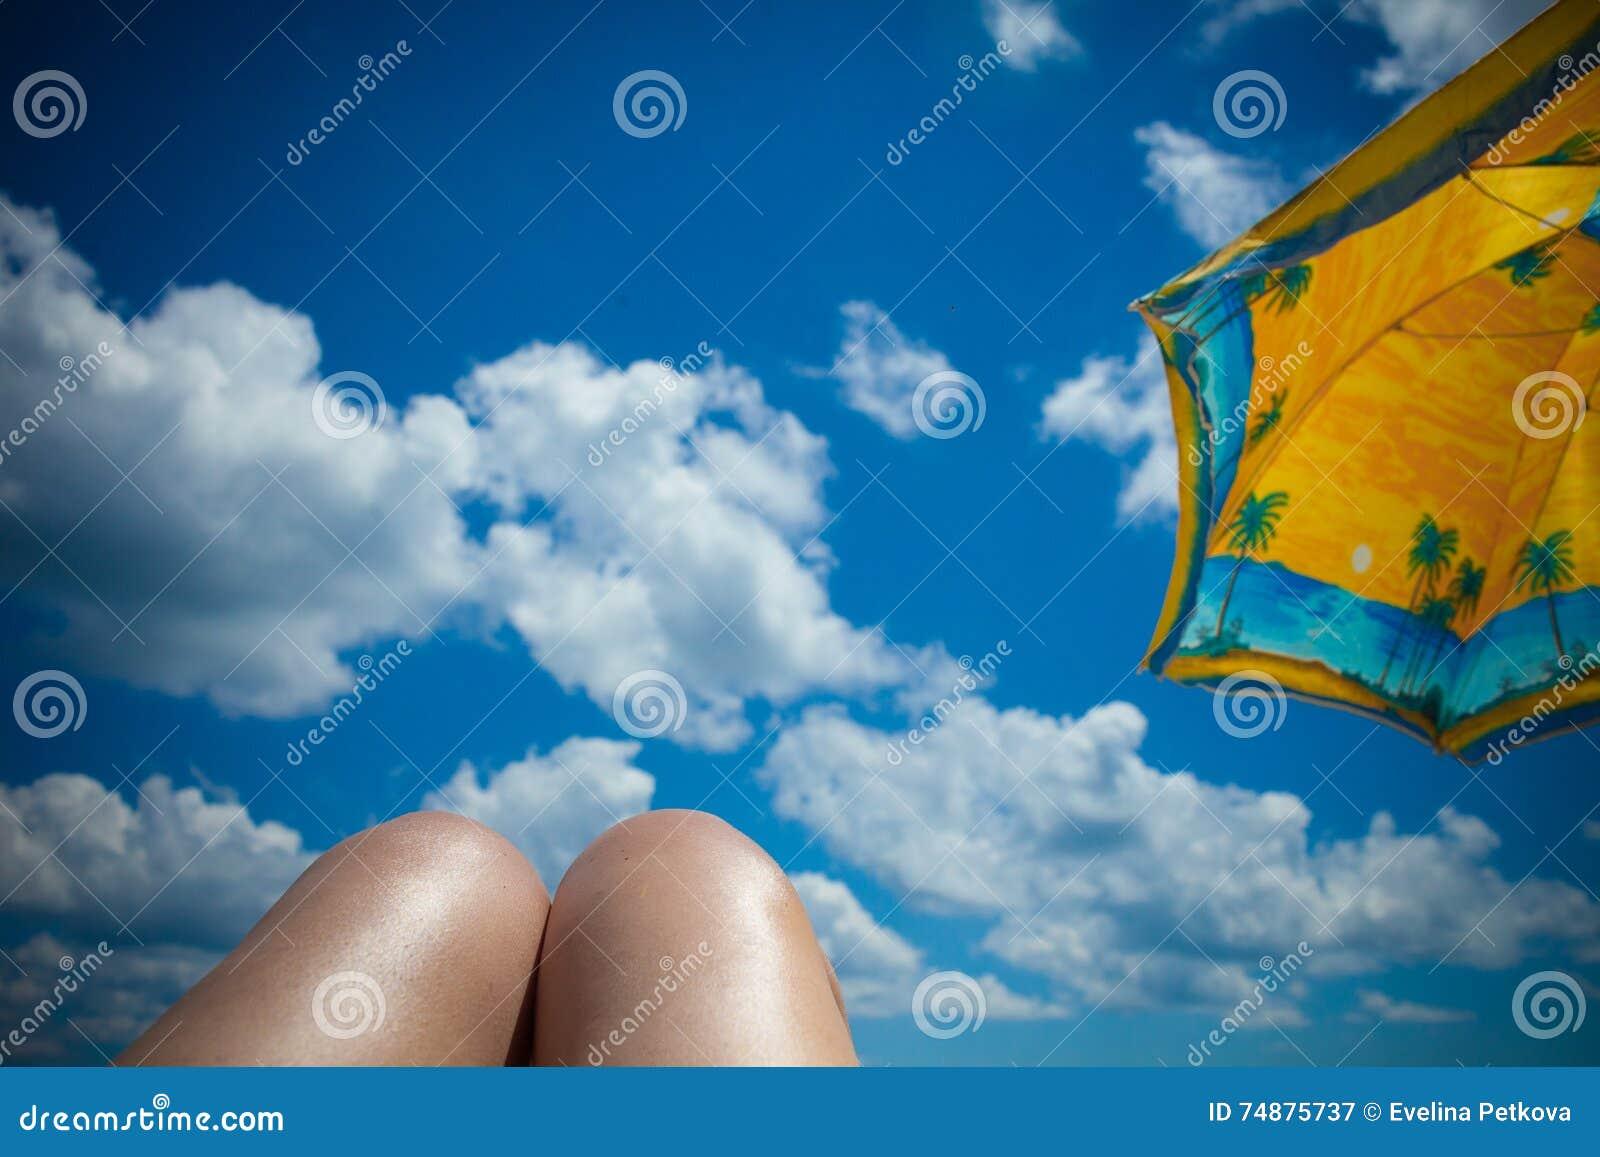 Céu com nuvens e guarda-chuva